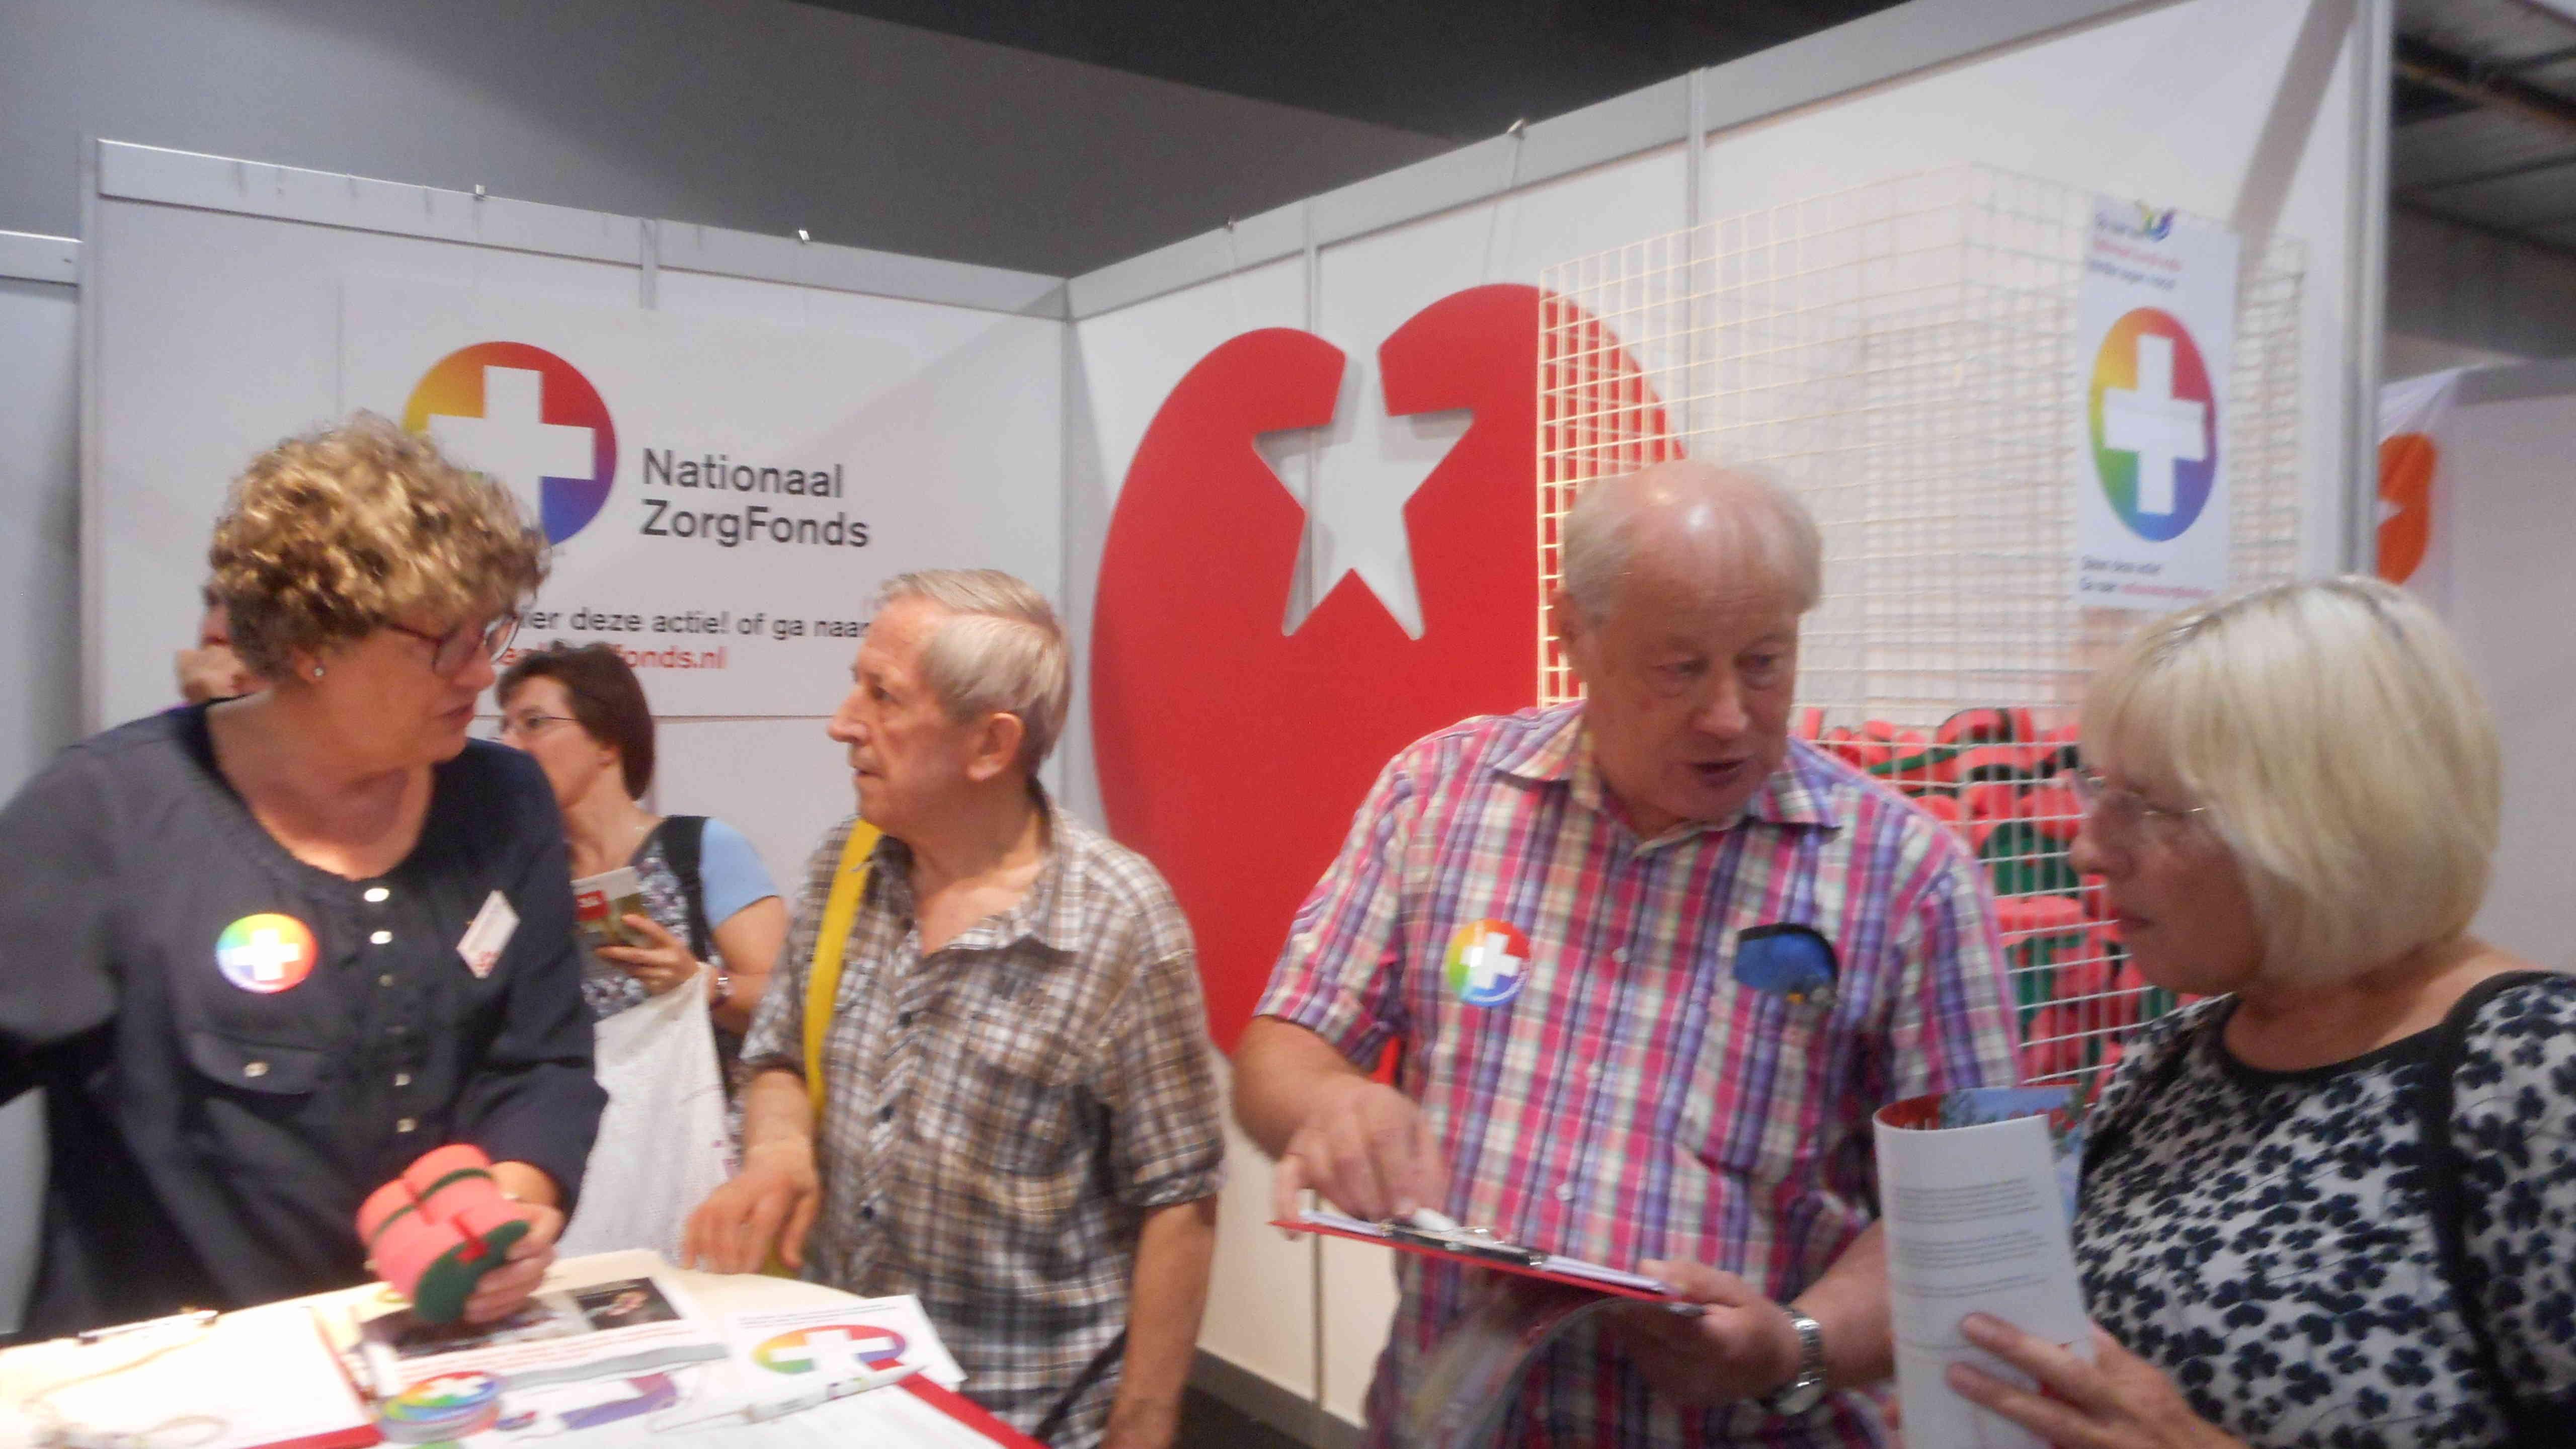 In actie voor het Nationaal zorgfonds op de Ouderenbeurs 2016